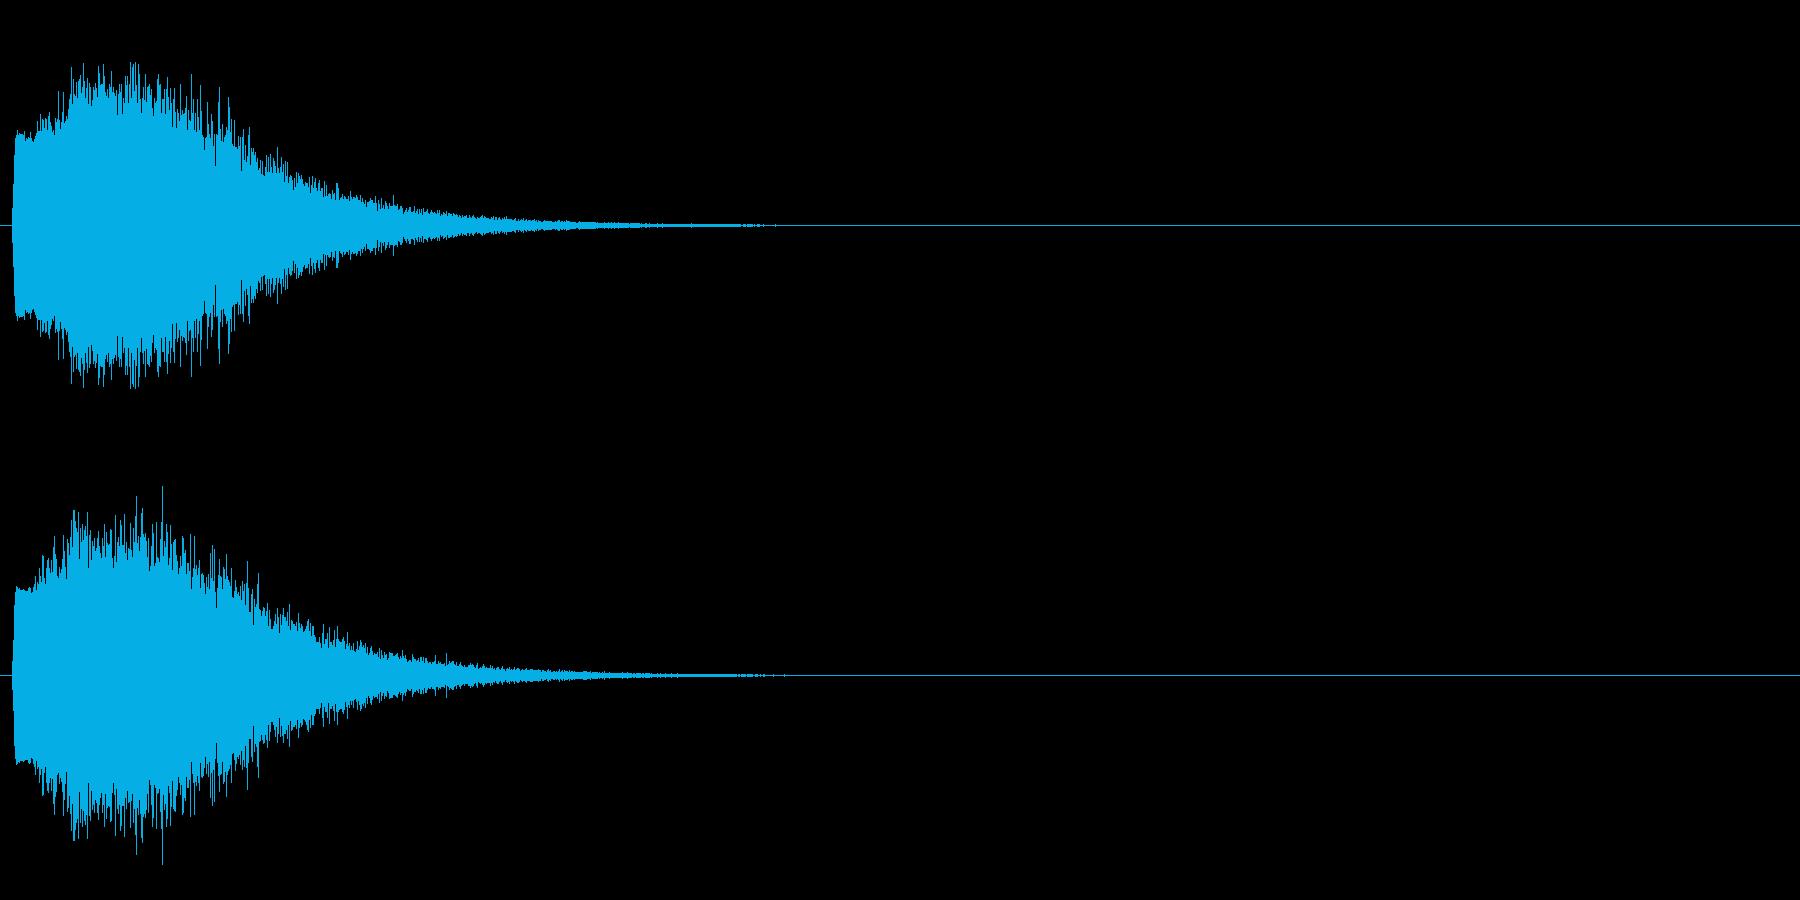 「キュイン!」輝く・レーザー発射2の再生済みの波形